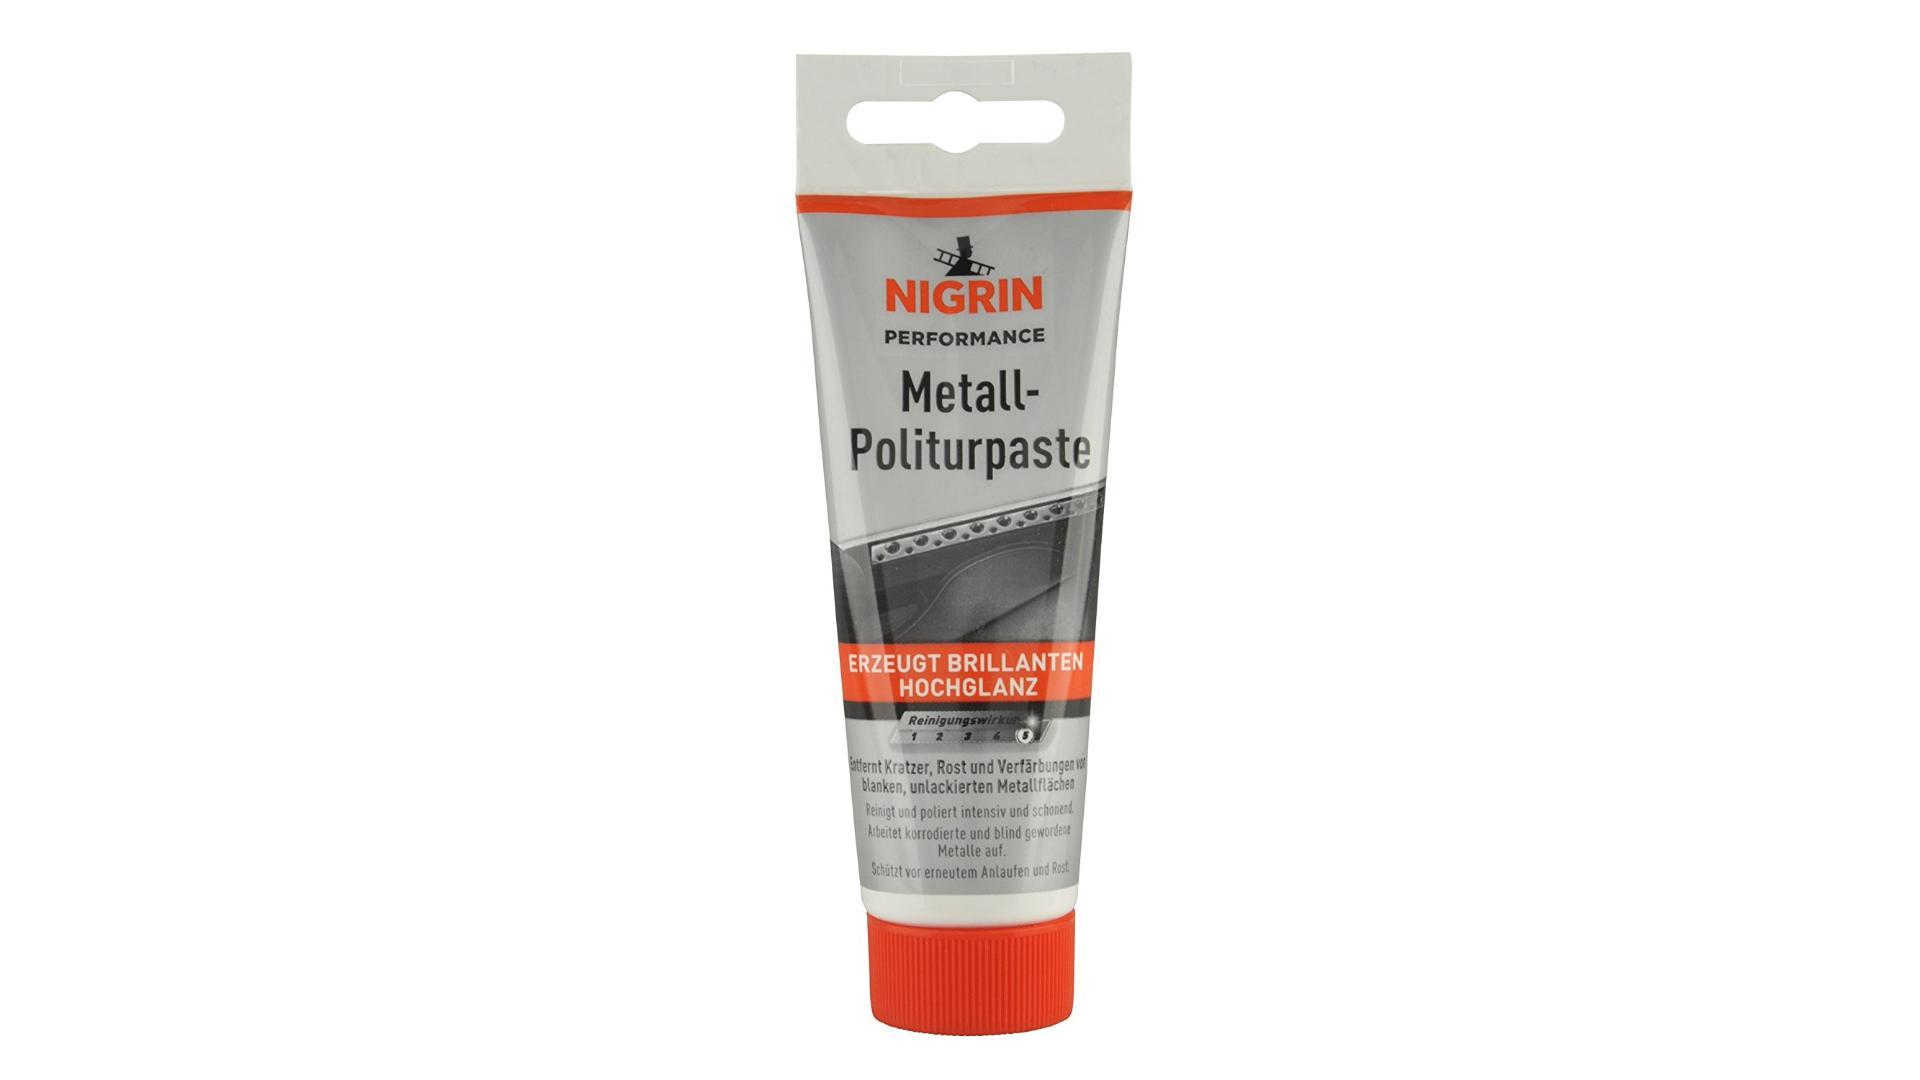 NIGRIN Metal polishing paste 75ml